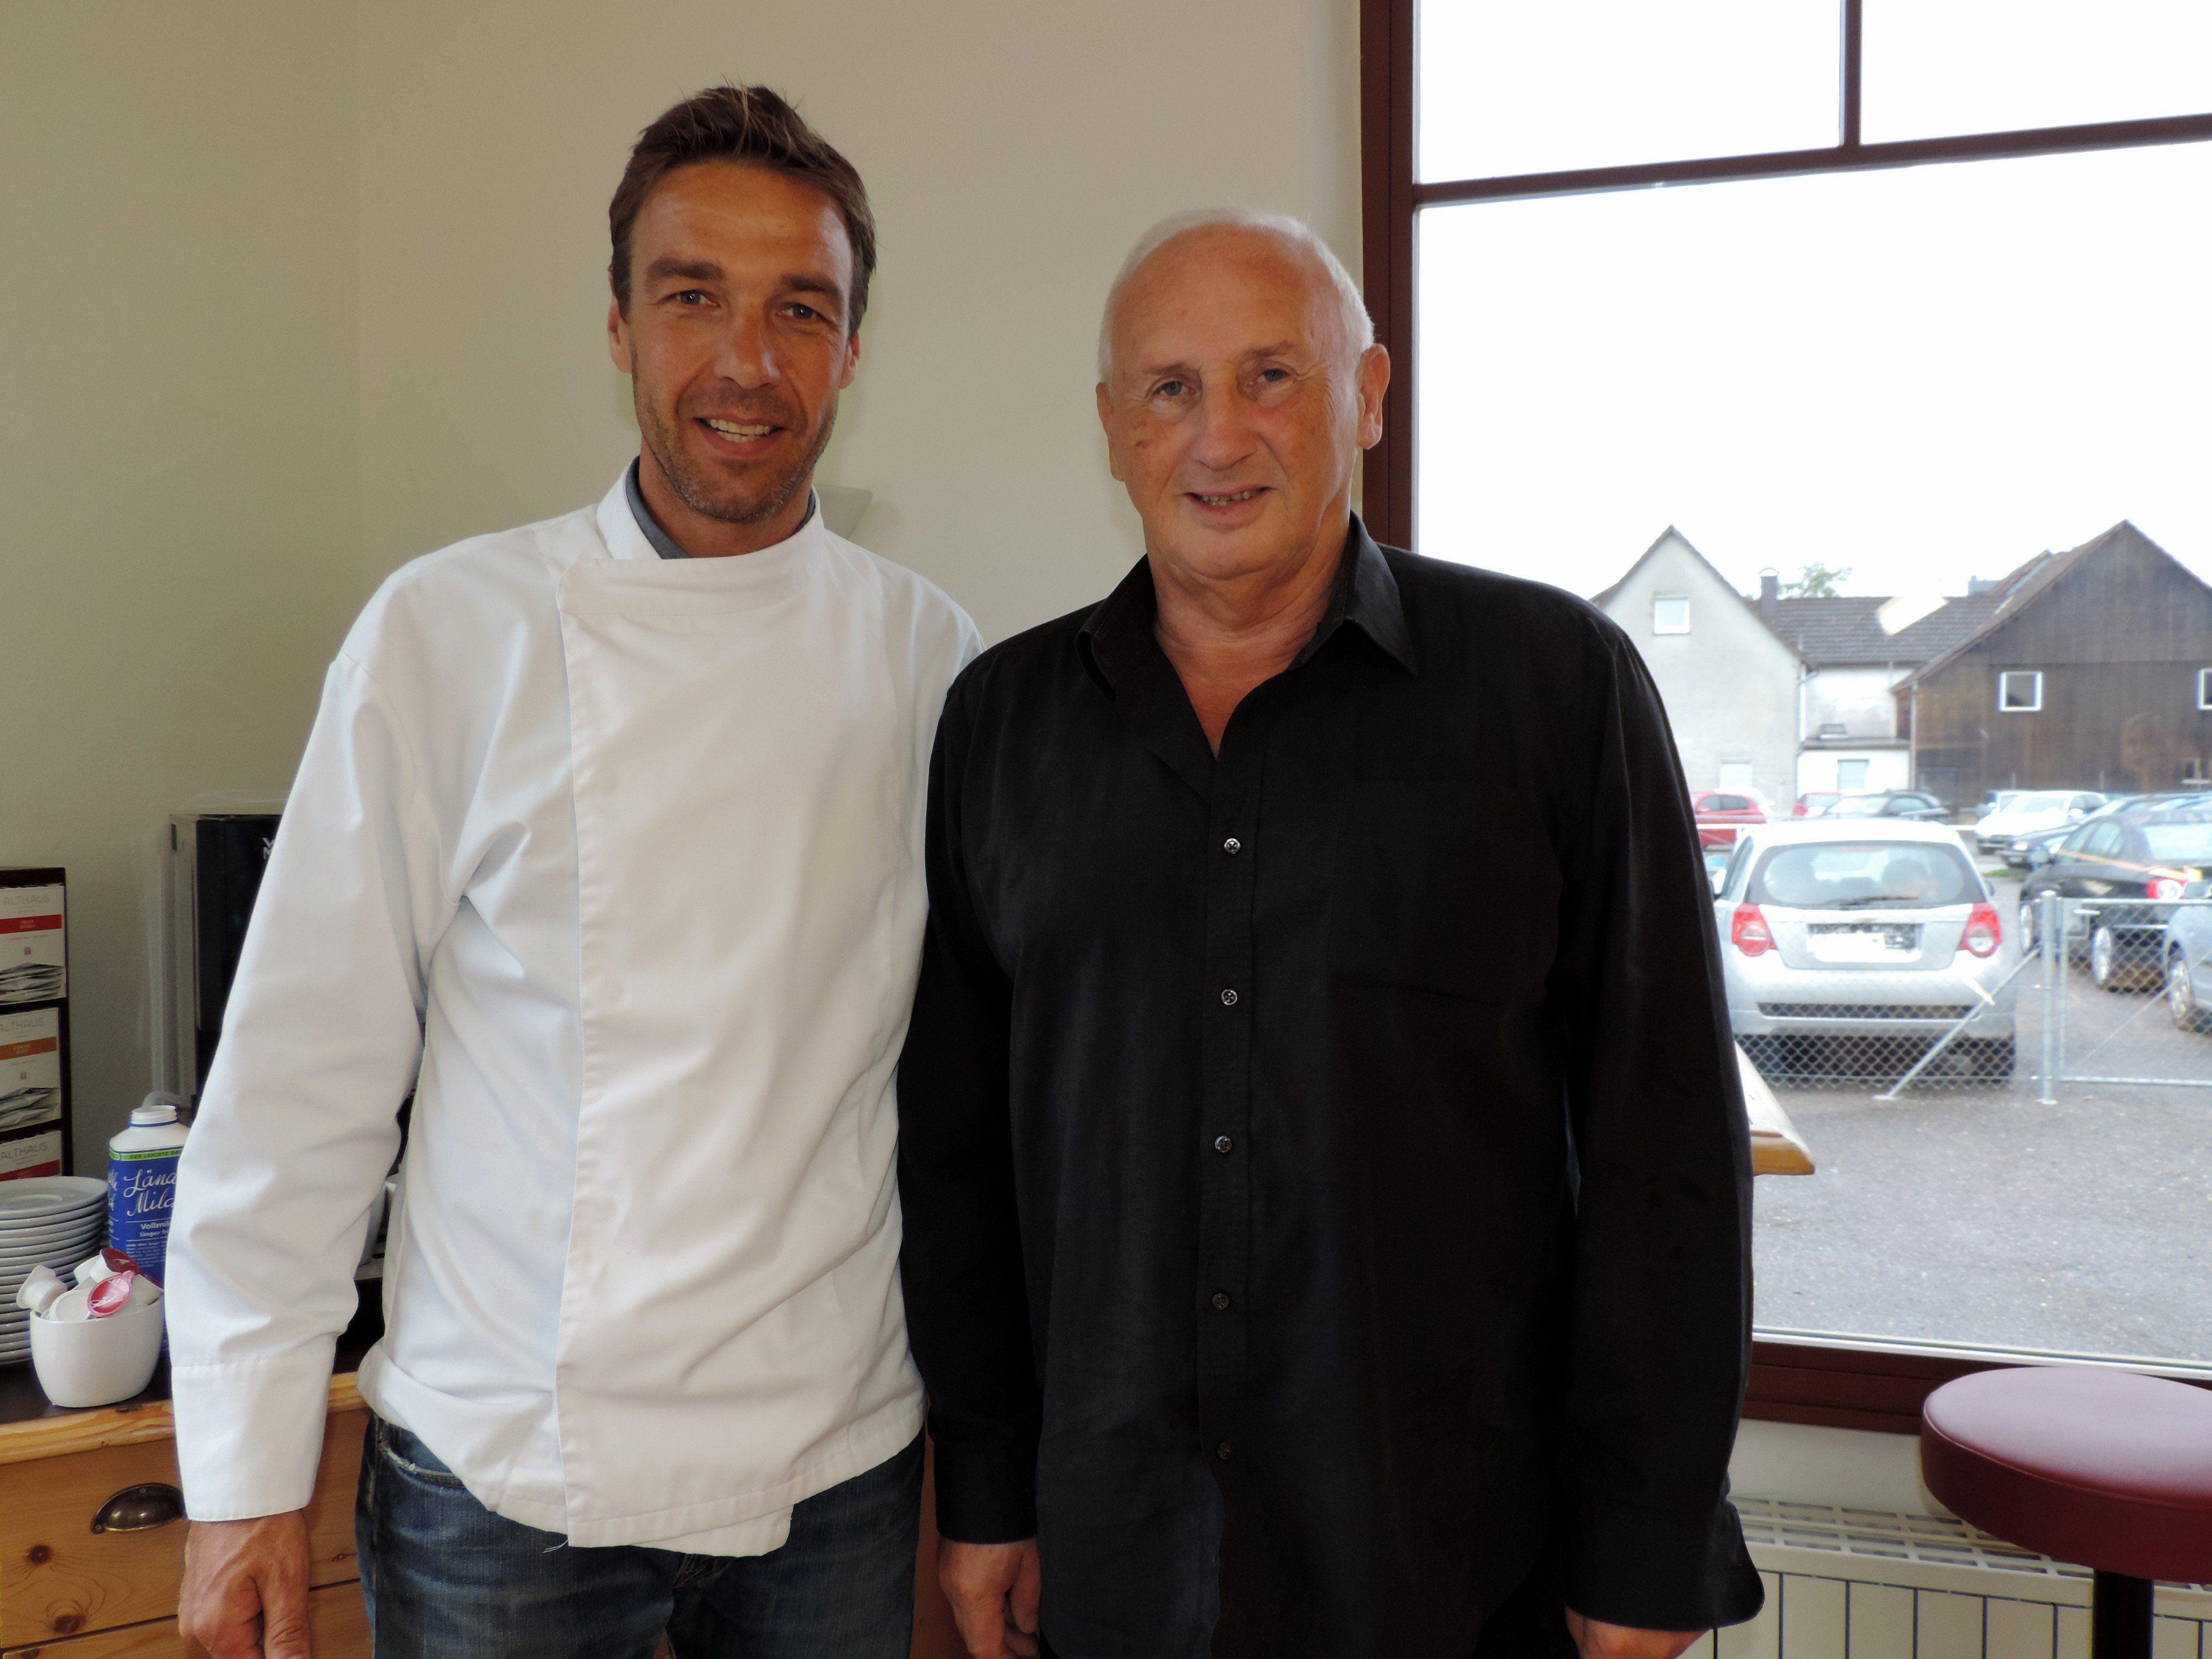 OV Preschle mit Wolfgang Müller (Bäckerei Schnell)